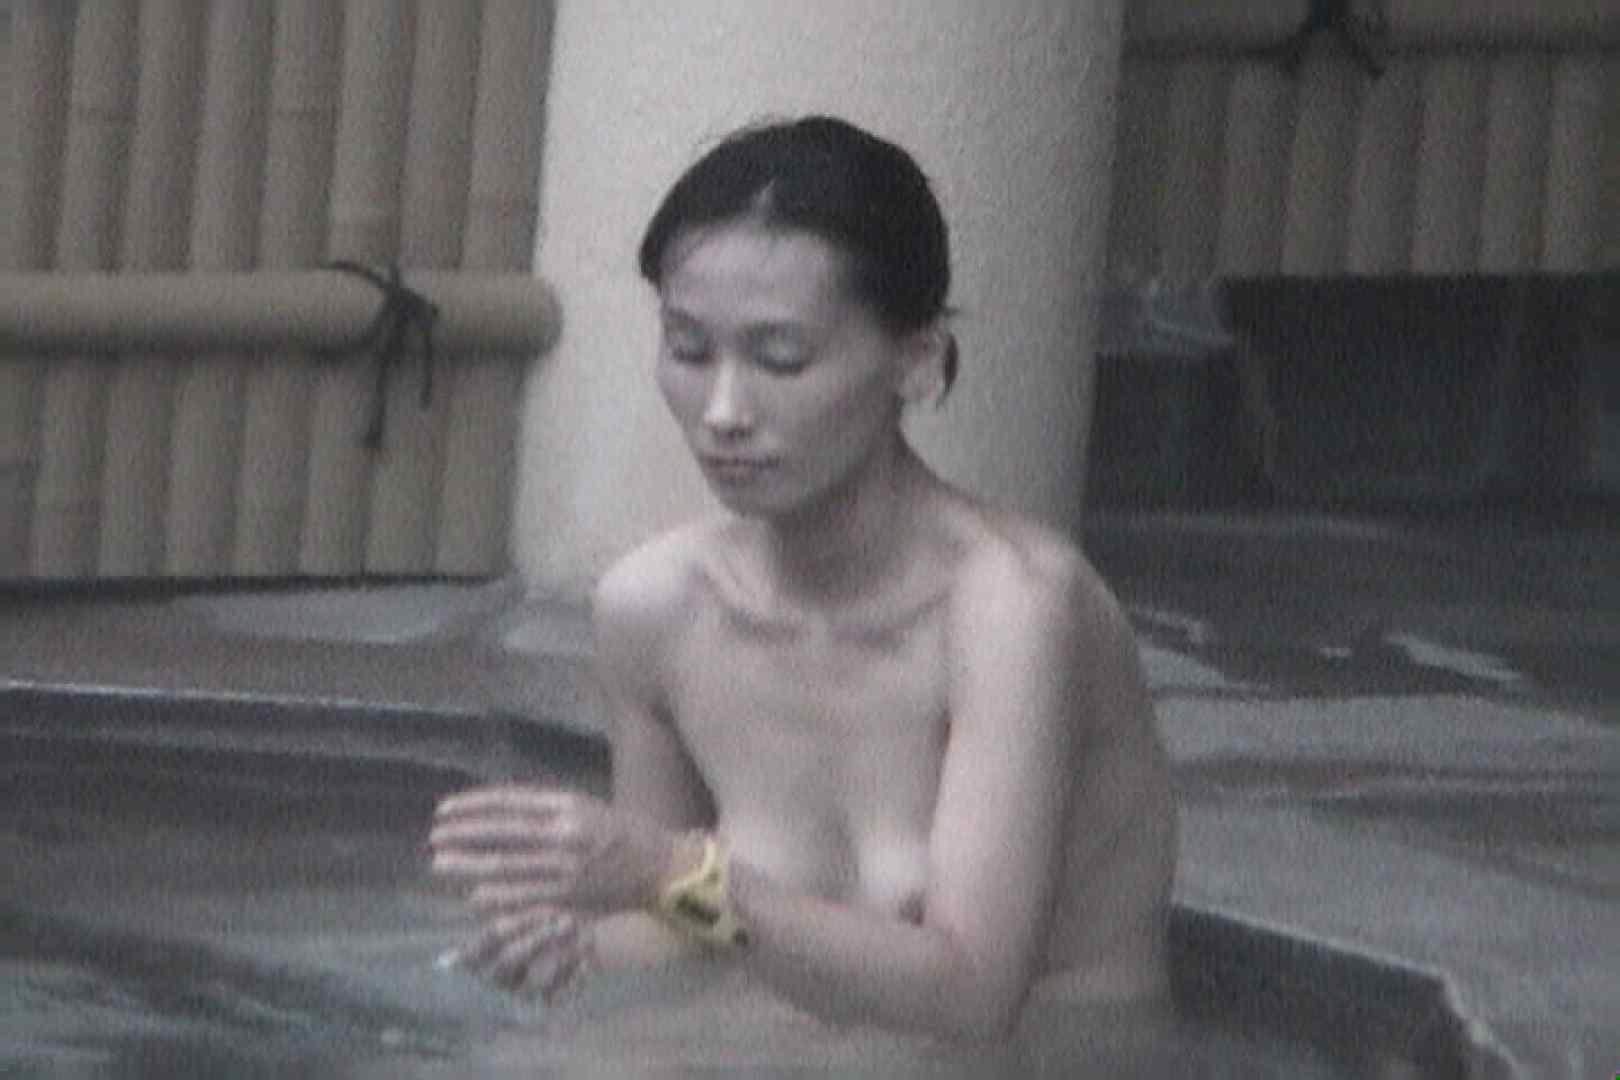 Aquaな露天風呂Vol.557 綺麗なOLたち | 盗撮  78枚 7